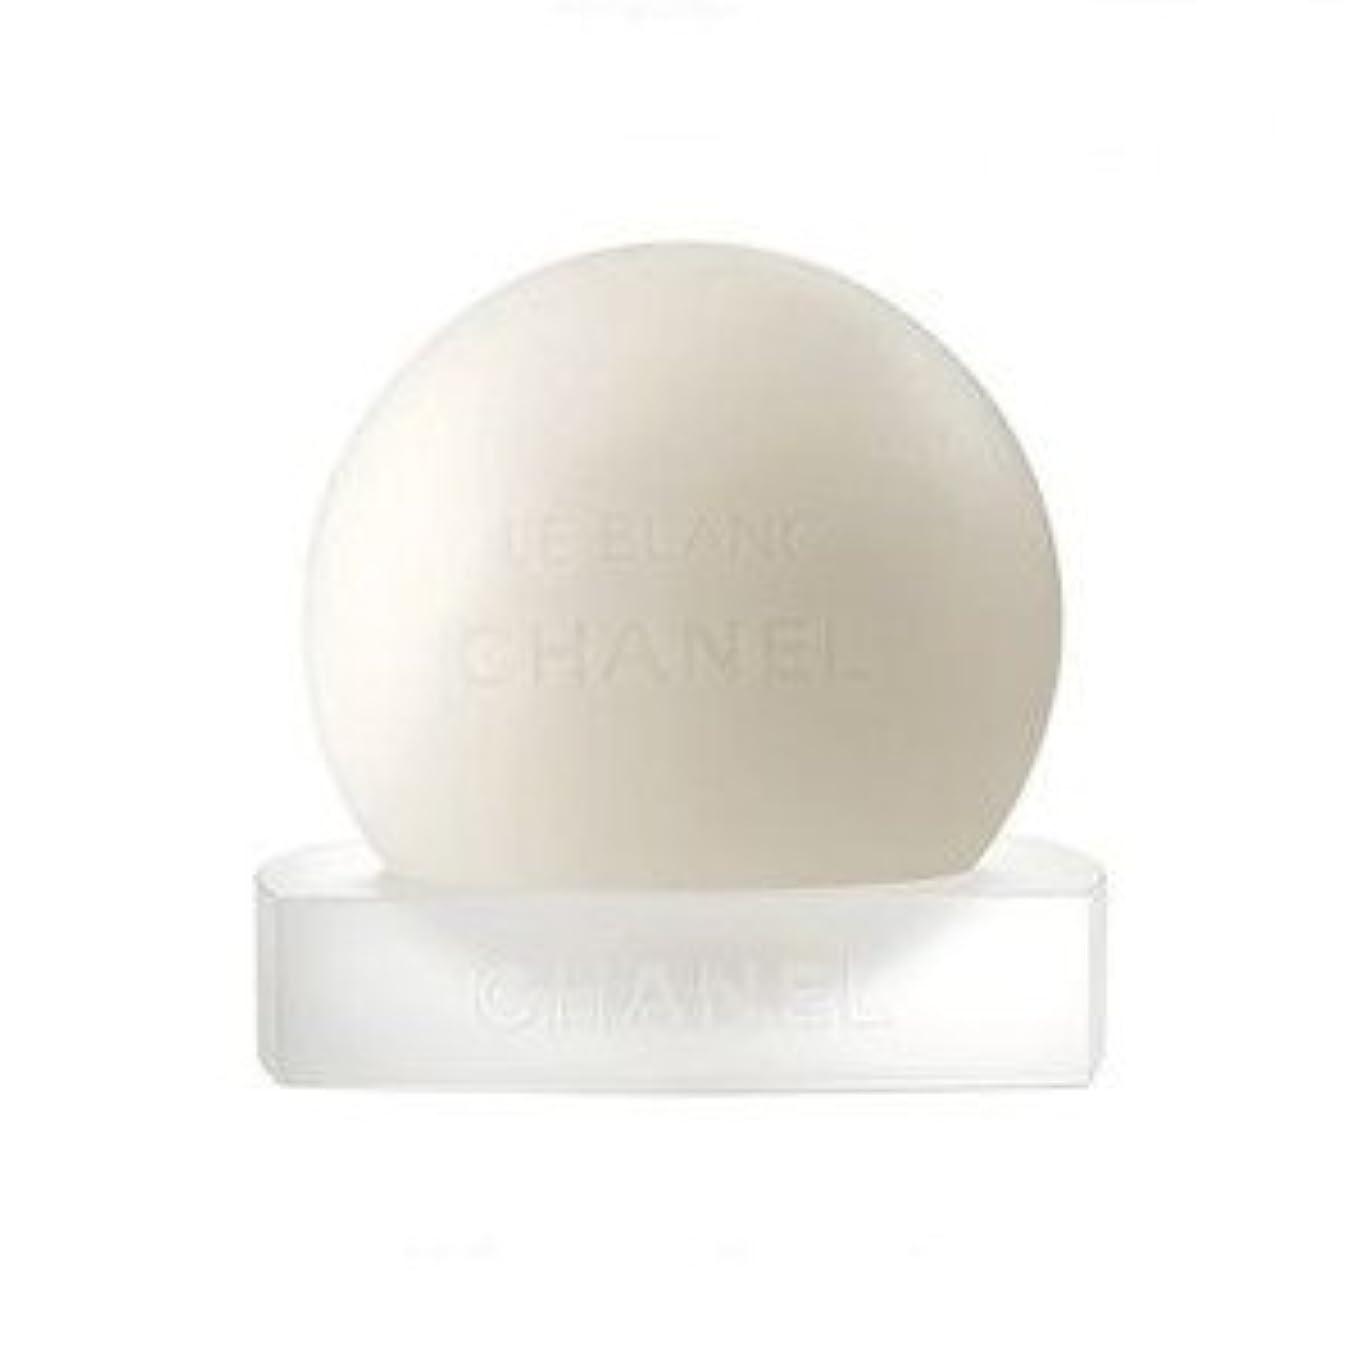 完璧な埋める対抗シャネル ル ブラン ソープ 100g 洗顔石けん 限定品 アウトレット